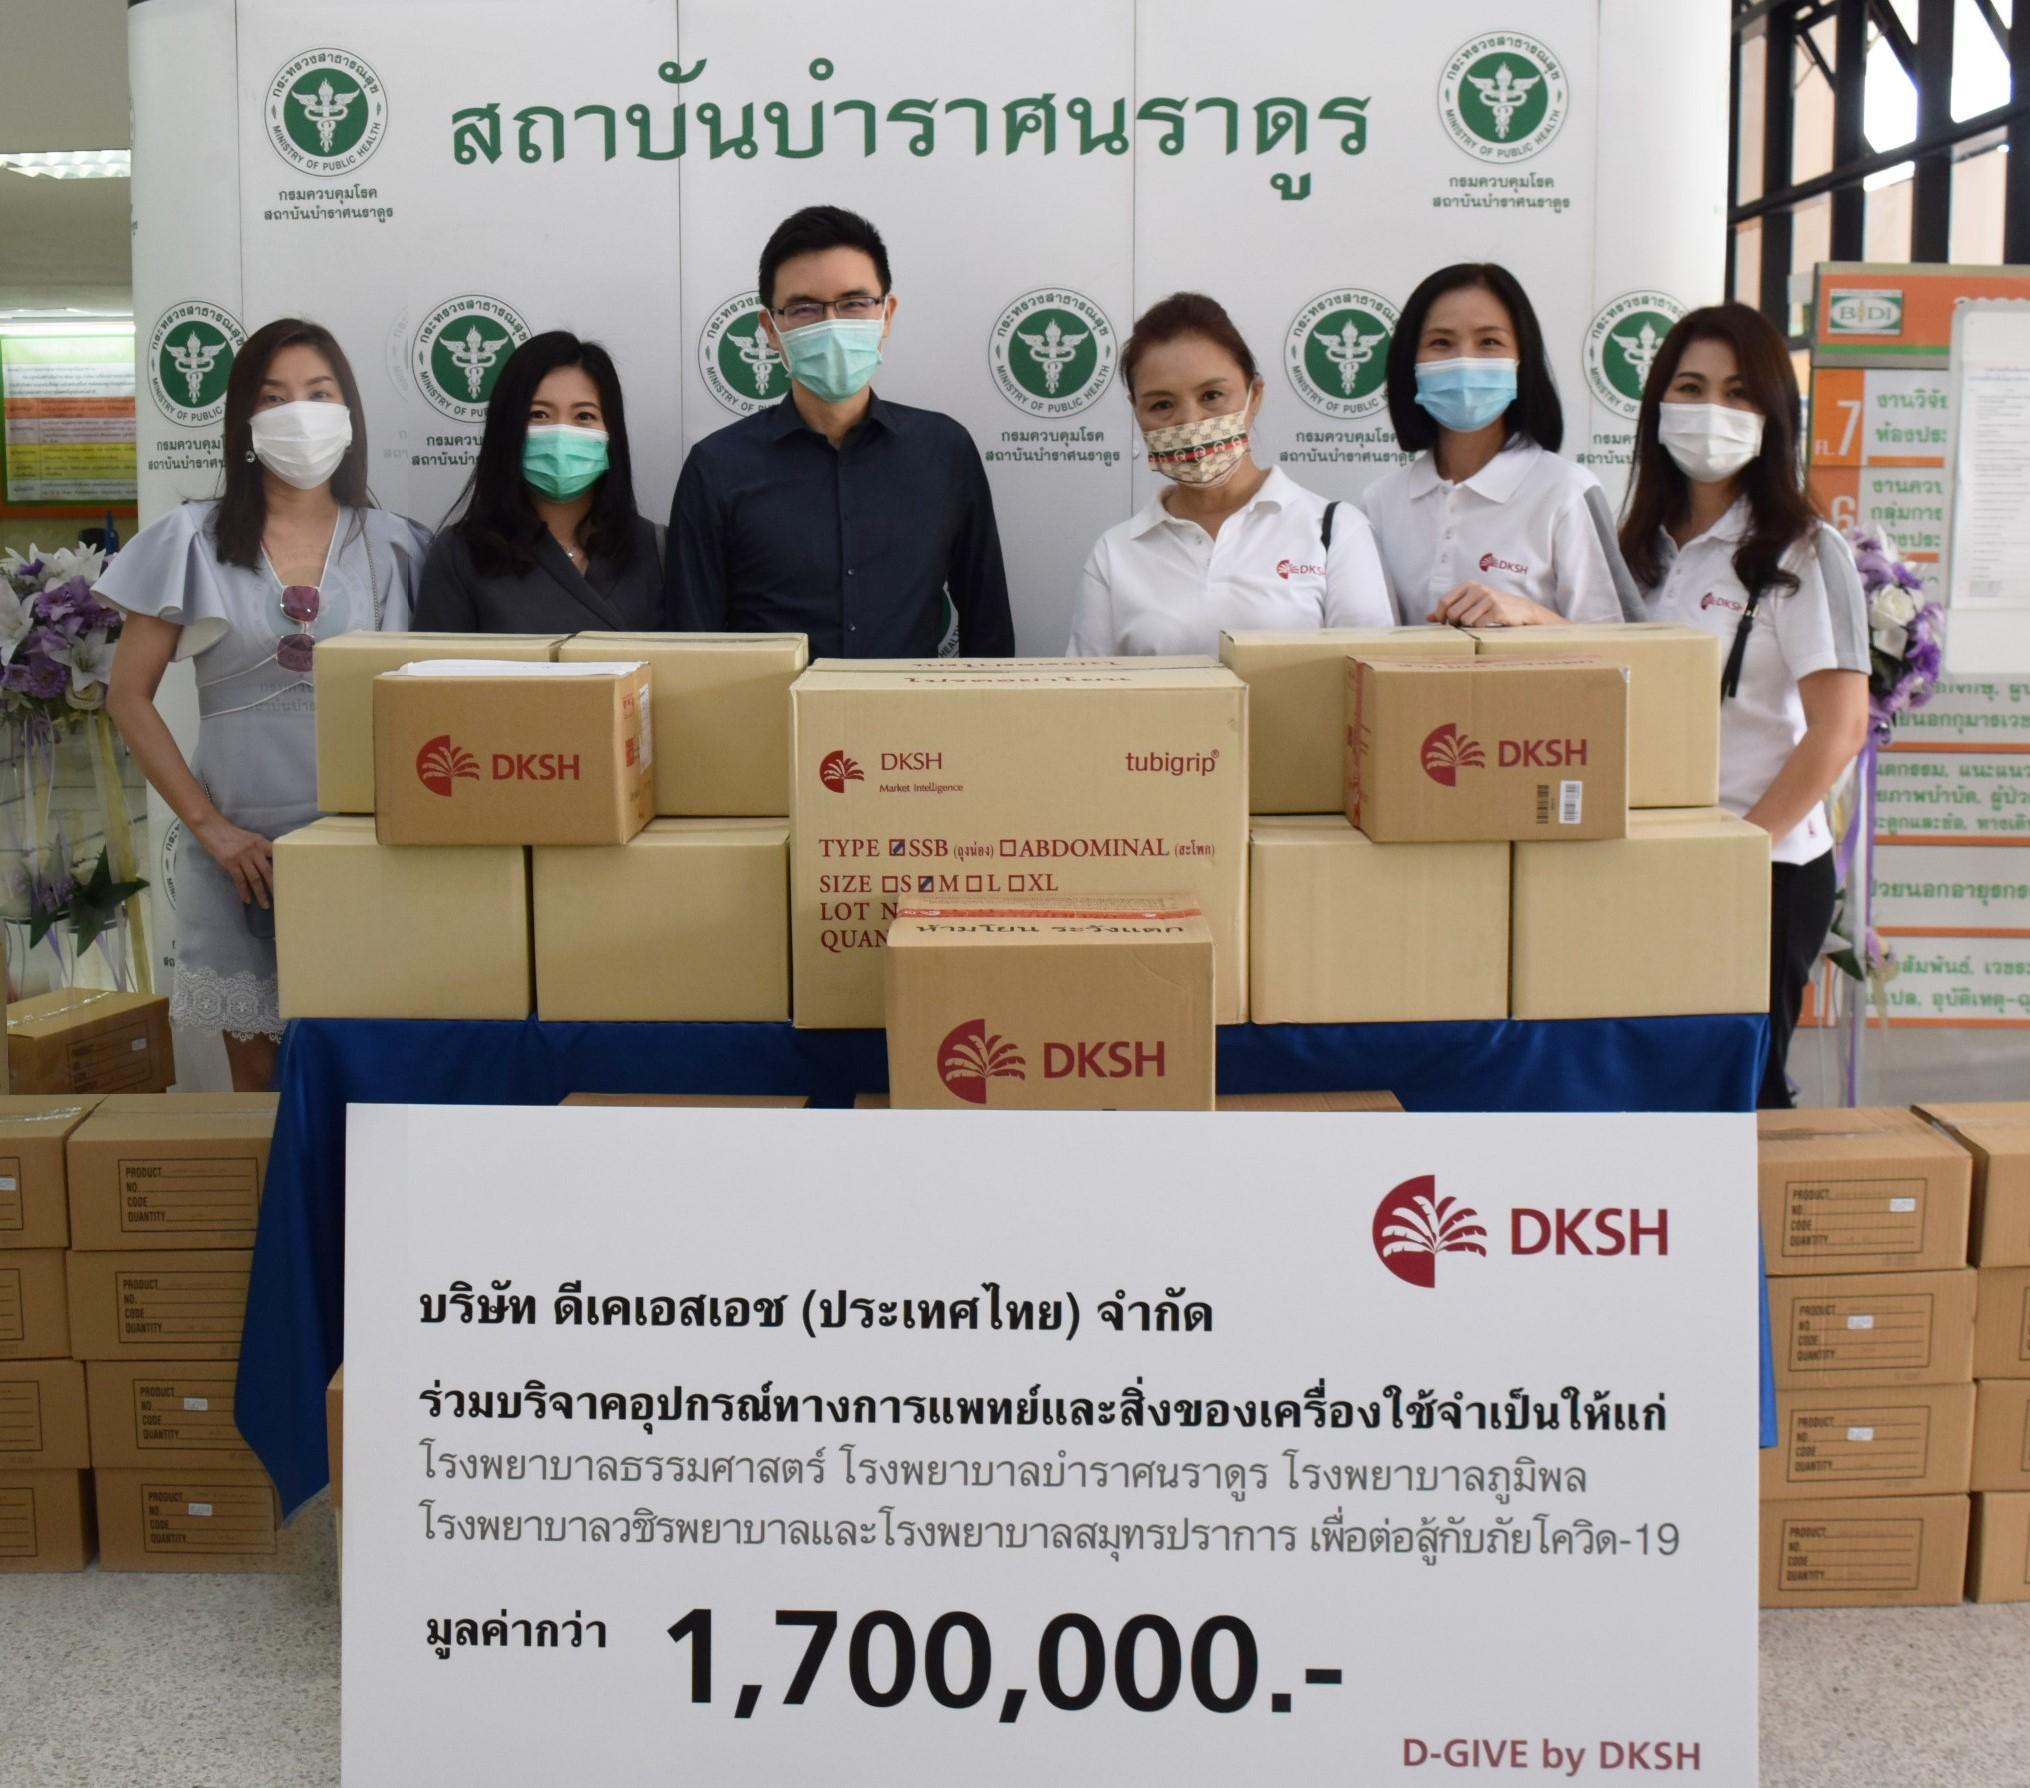 ดีเคเอสเอช ประเทศไทย บริจาคอุปกรณ์ทางการแพทย์ให้กับโรงพยาบาลต่างๆ เพื่อต่อสู้กับโควิด-19